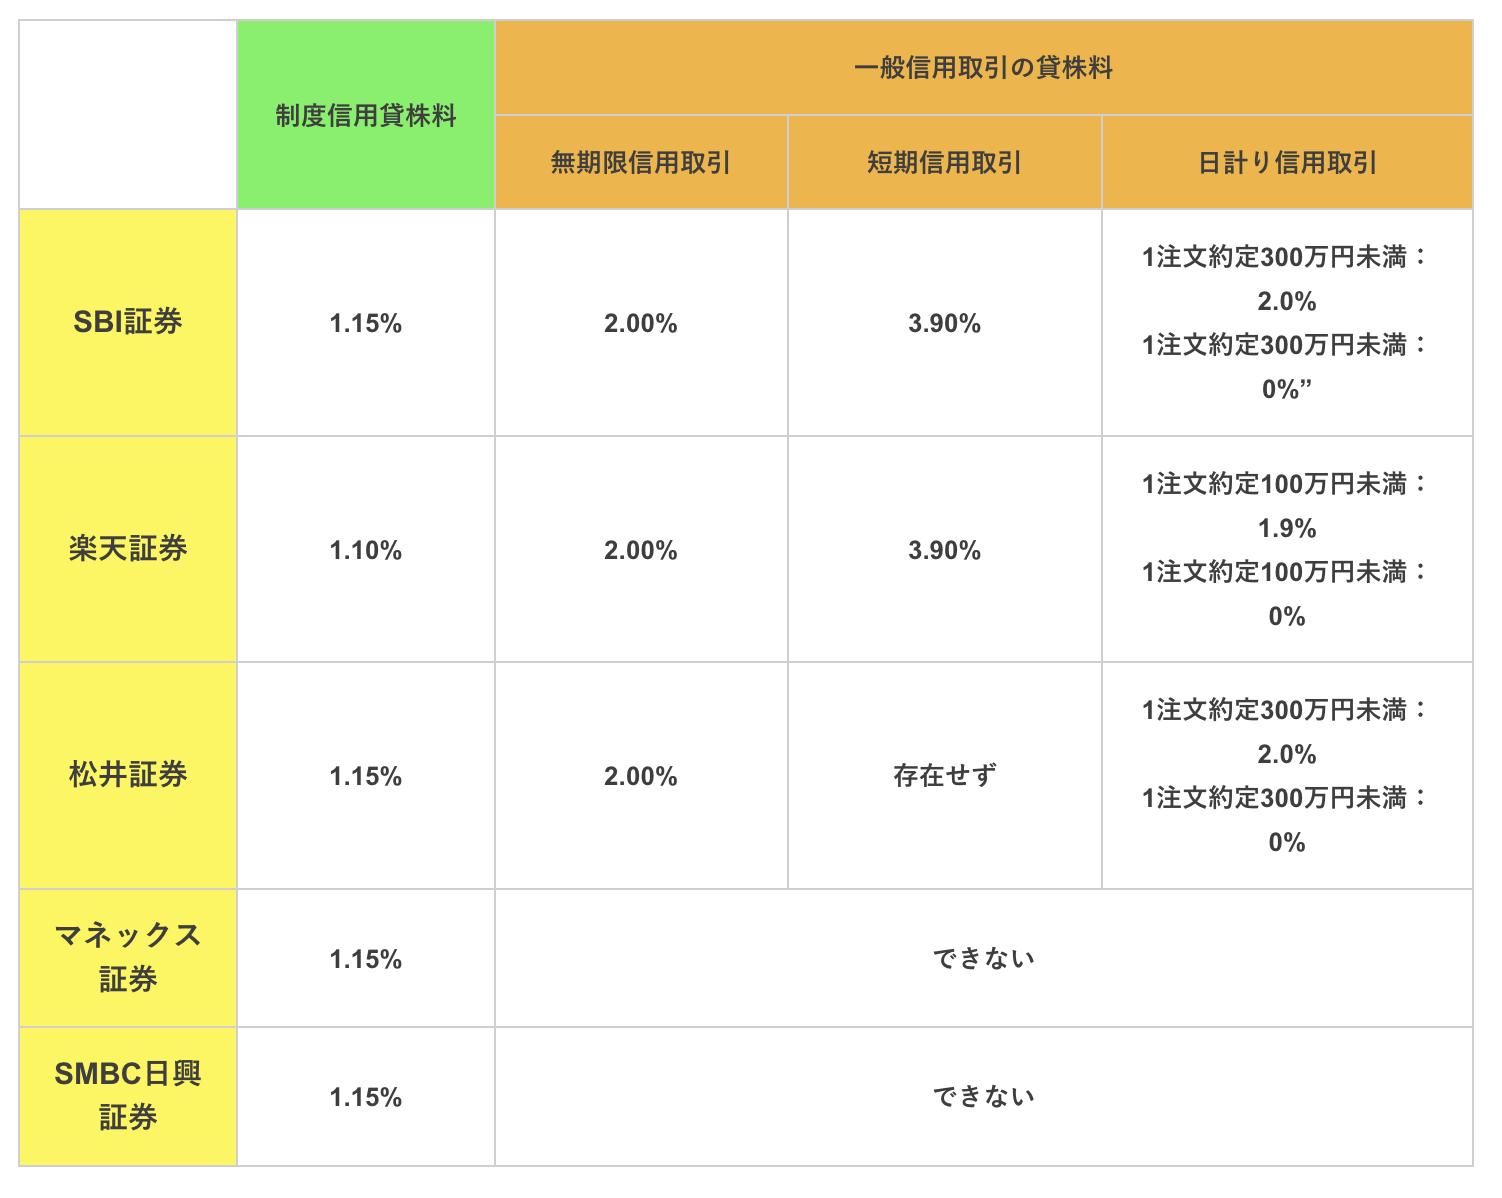 制度信用取引と一般信用取引の貸株料水準証券会社比較